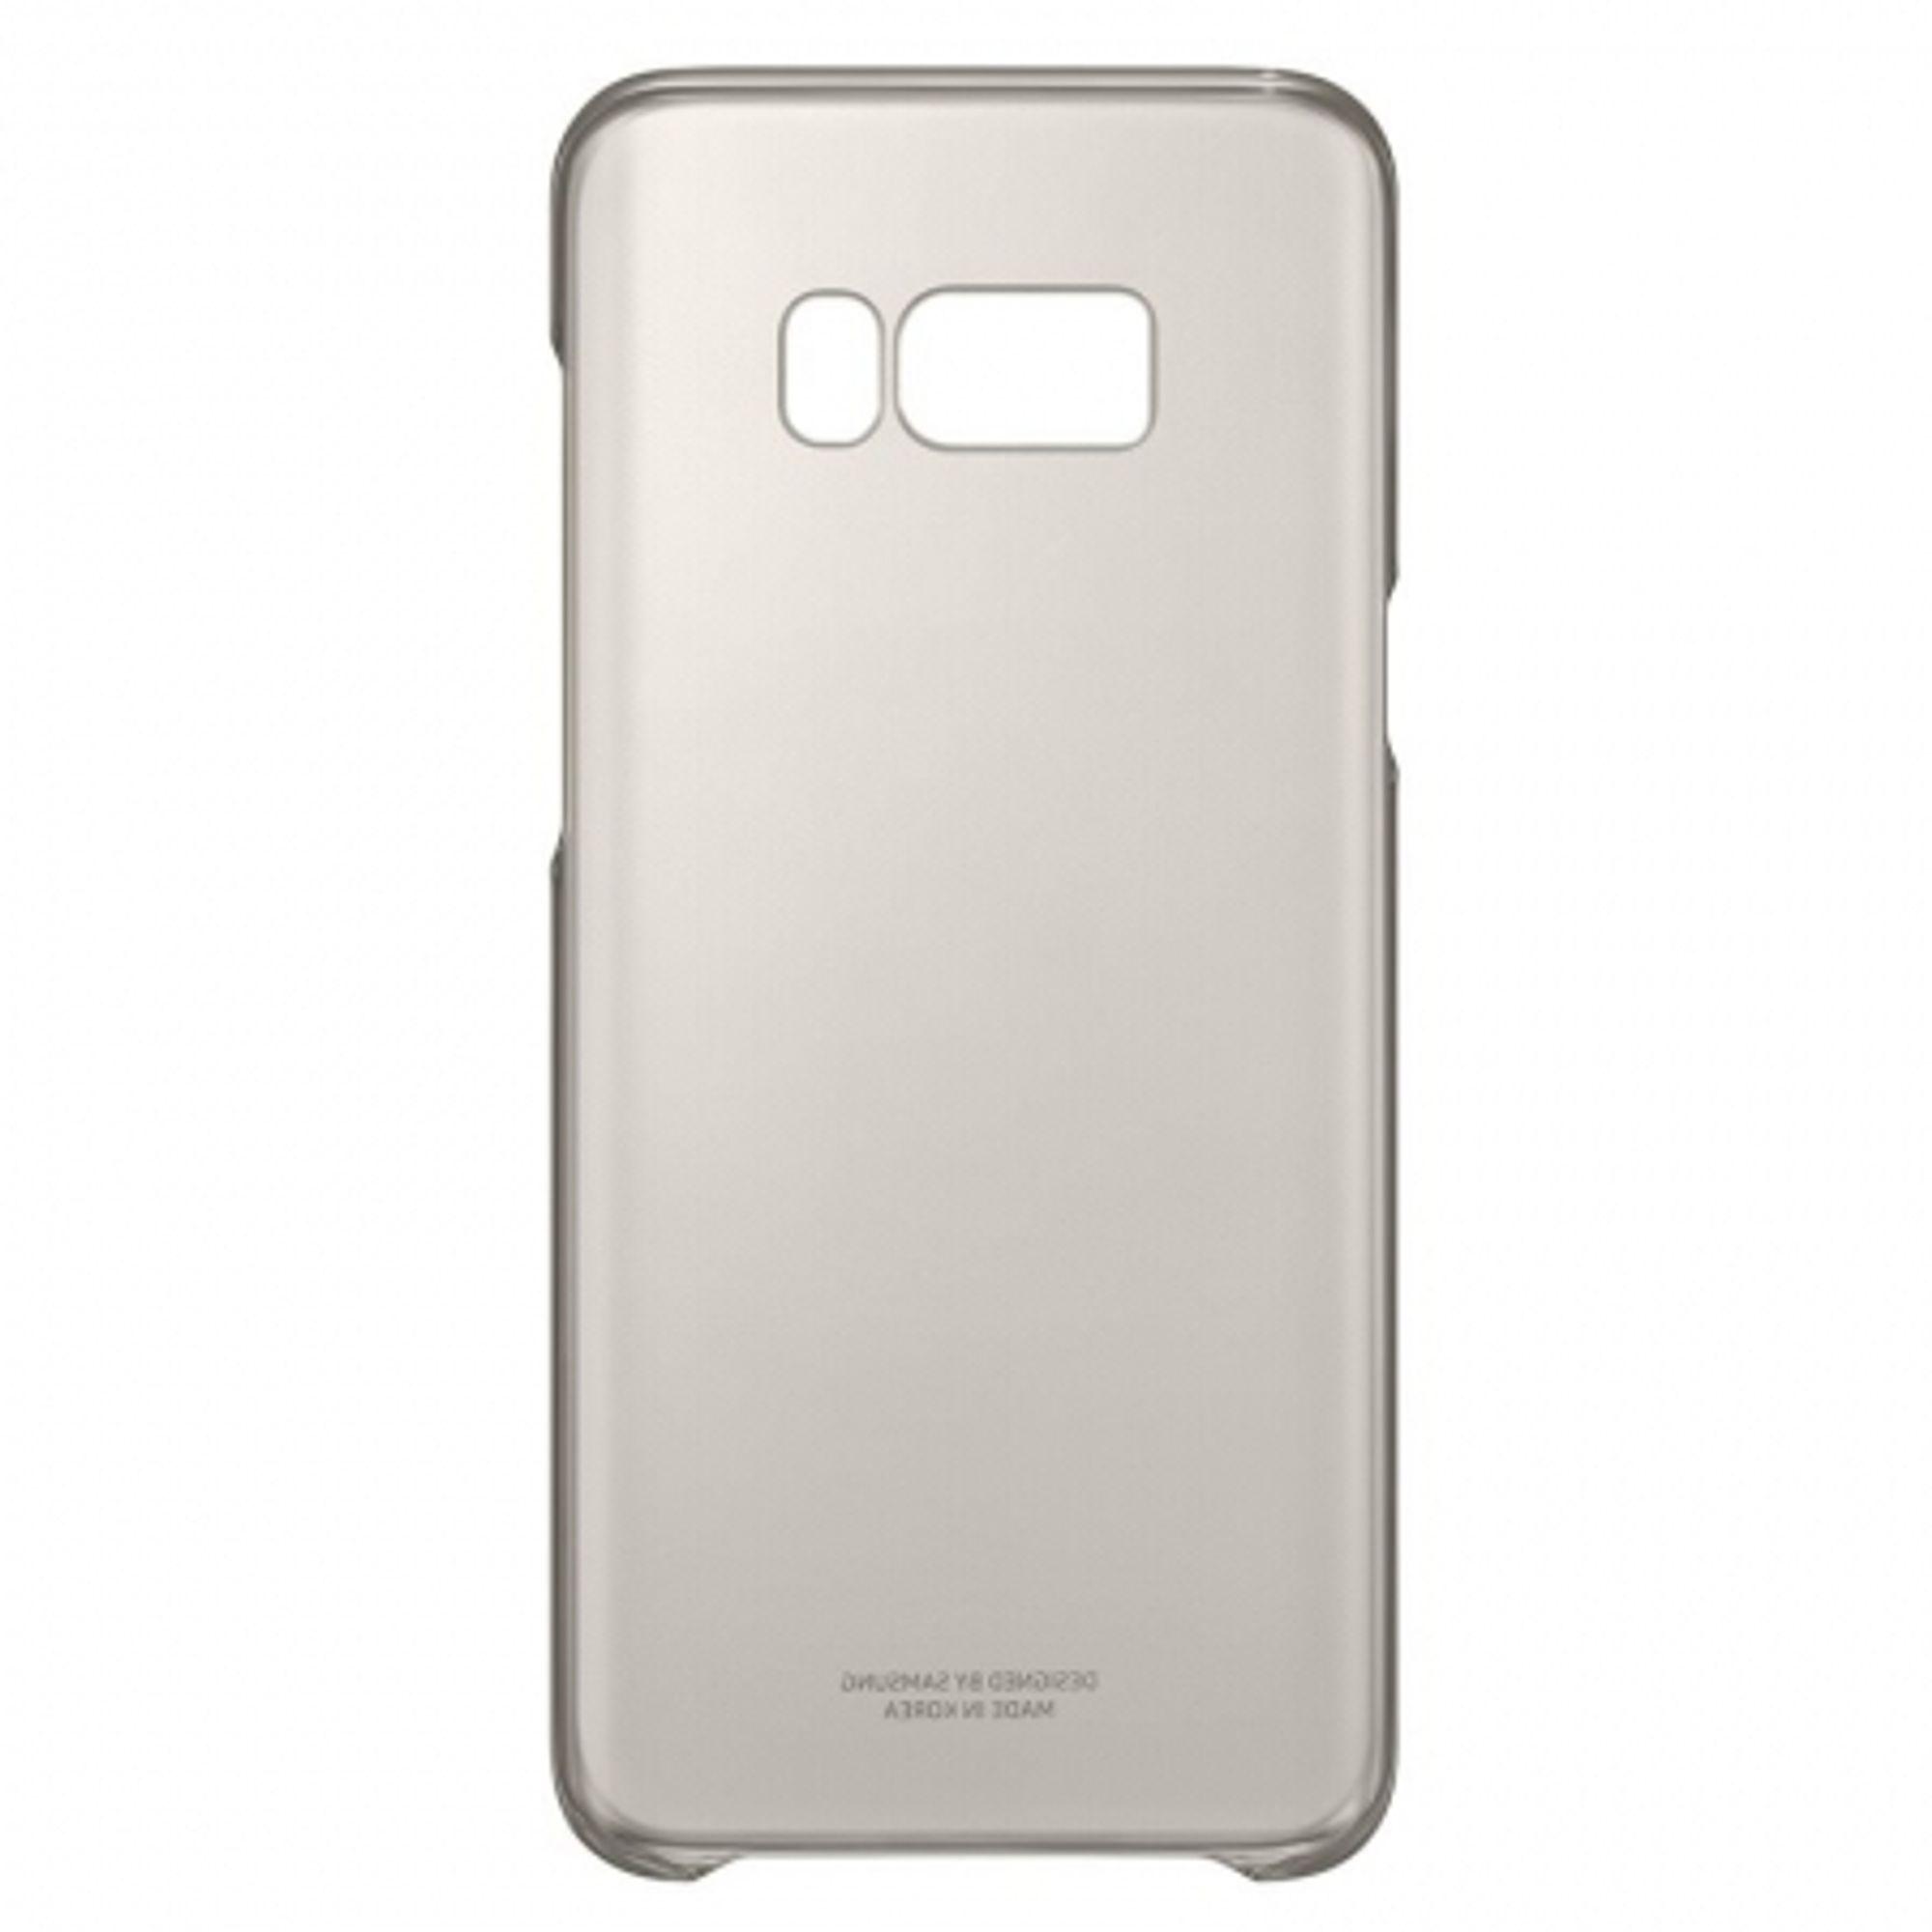 3a923c29955 Samsung Husa Capac Spate pentru Samsung Galaxy S8 Plus, Auriu - F64 ...